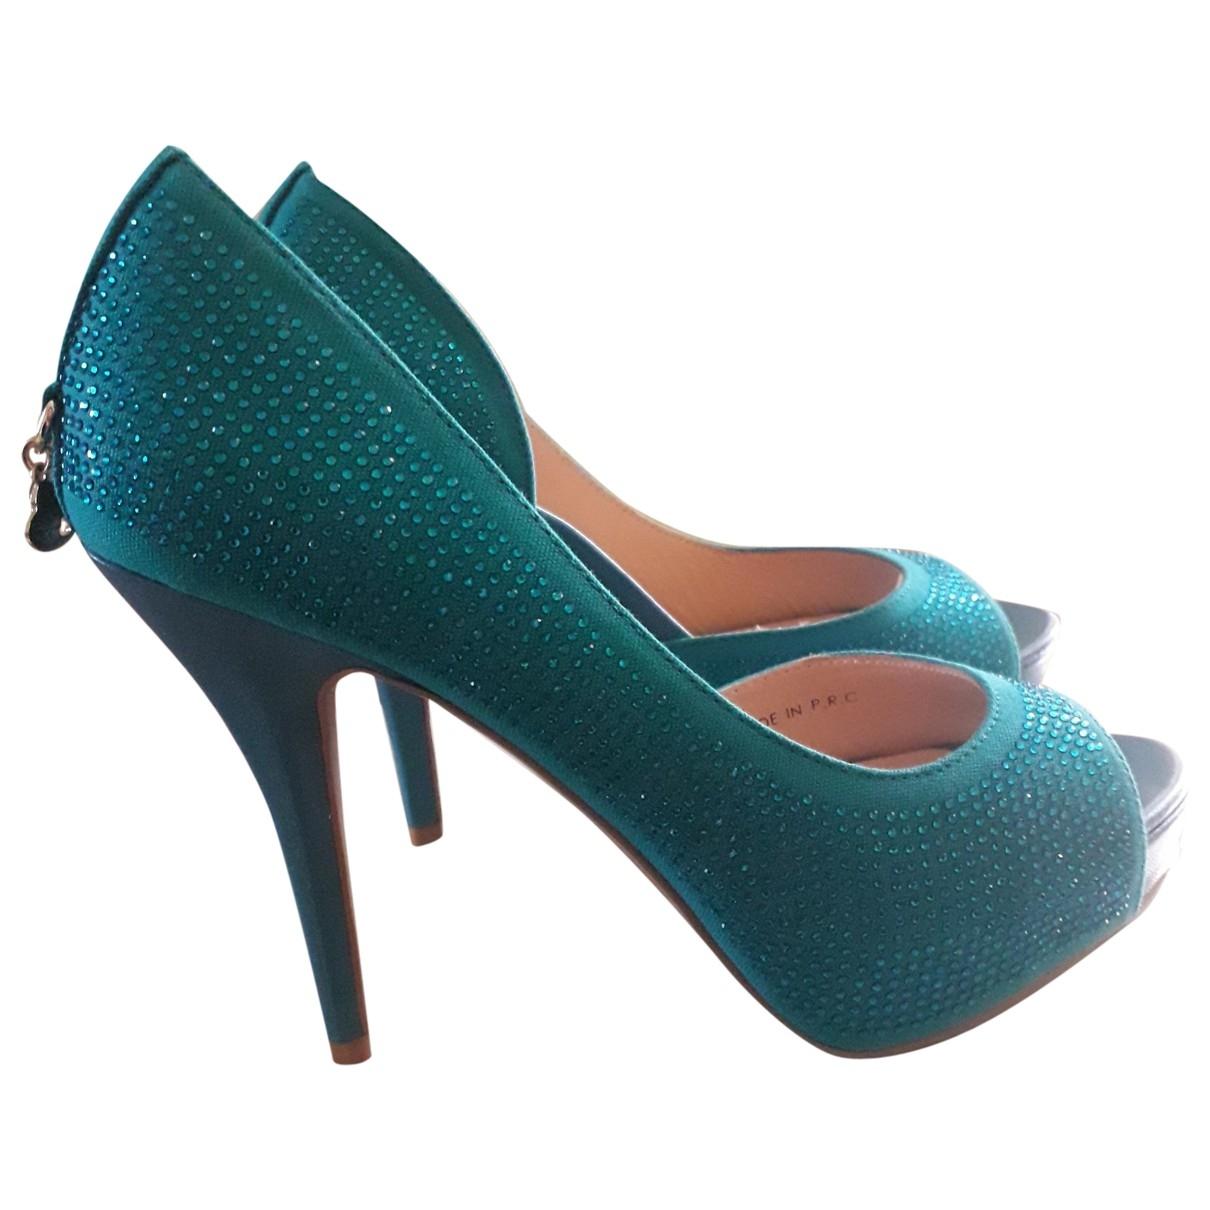 Liu.jo \N Turquoise Cloth Heels for Women 39 IT